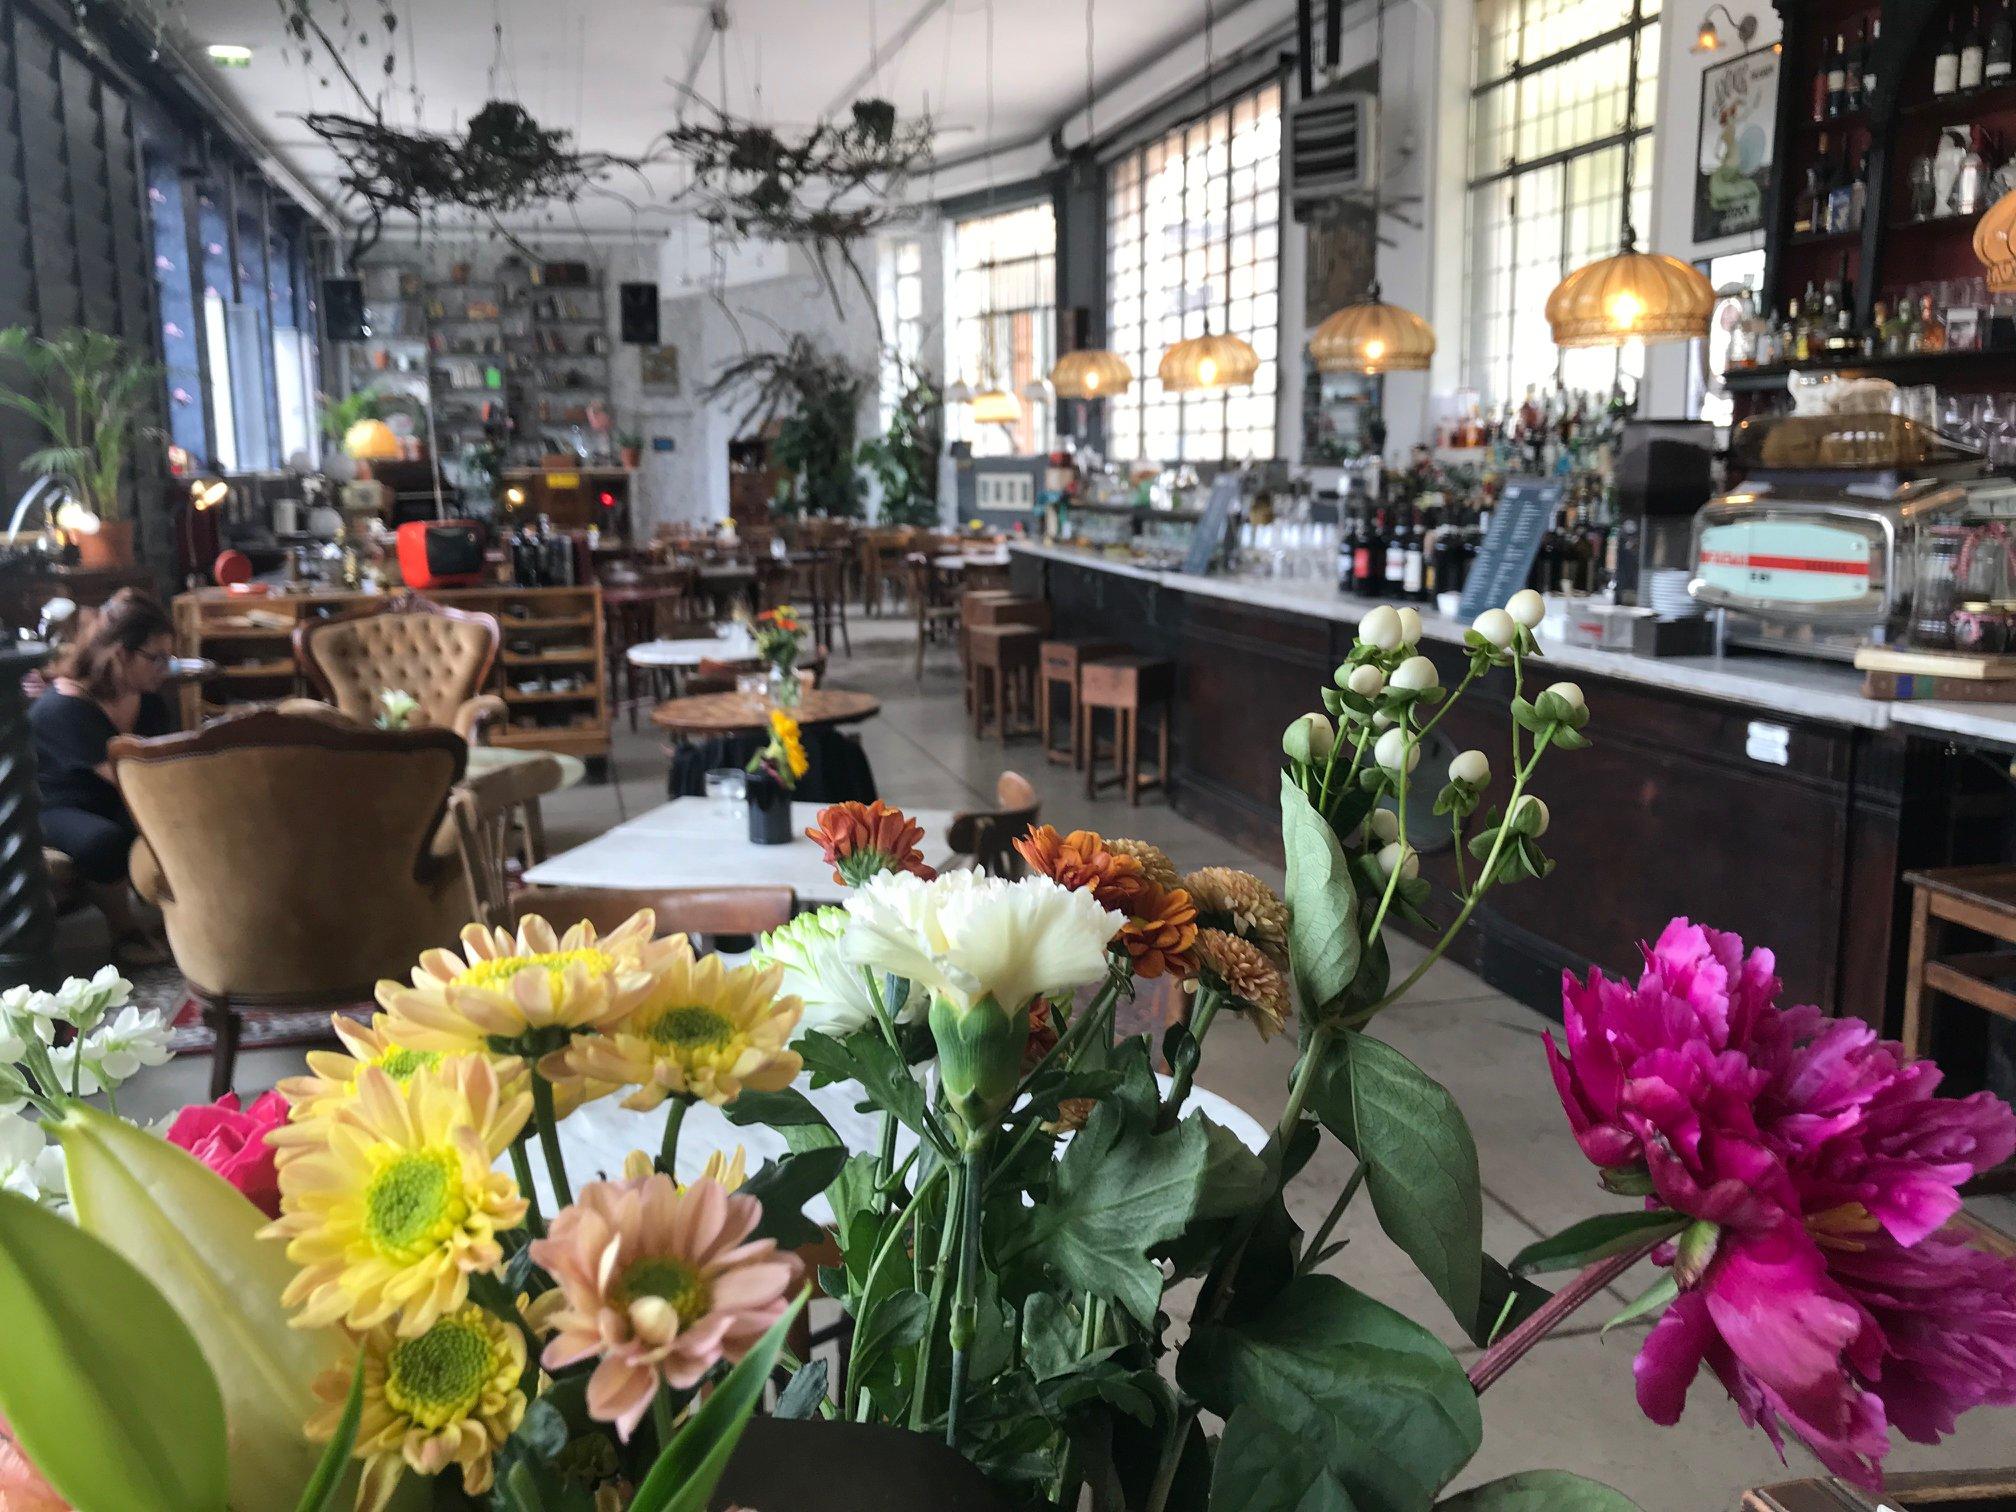 L'ambiente accogliete e curato dell'Osteria Milano (in via Sbodio 30, a Milano). Photo: FB page Osteria Milano